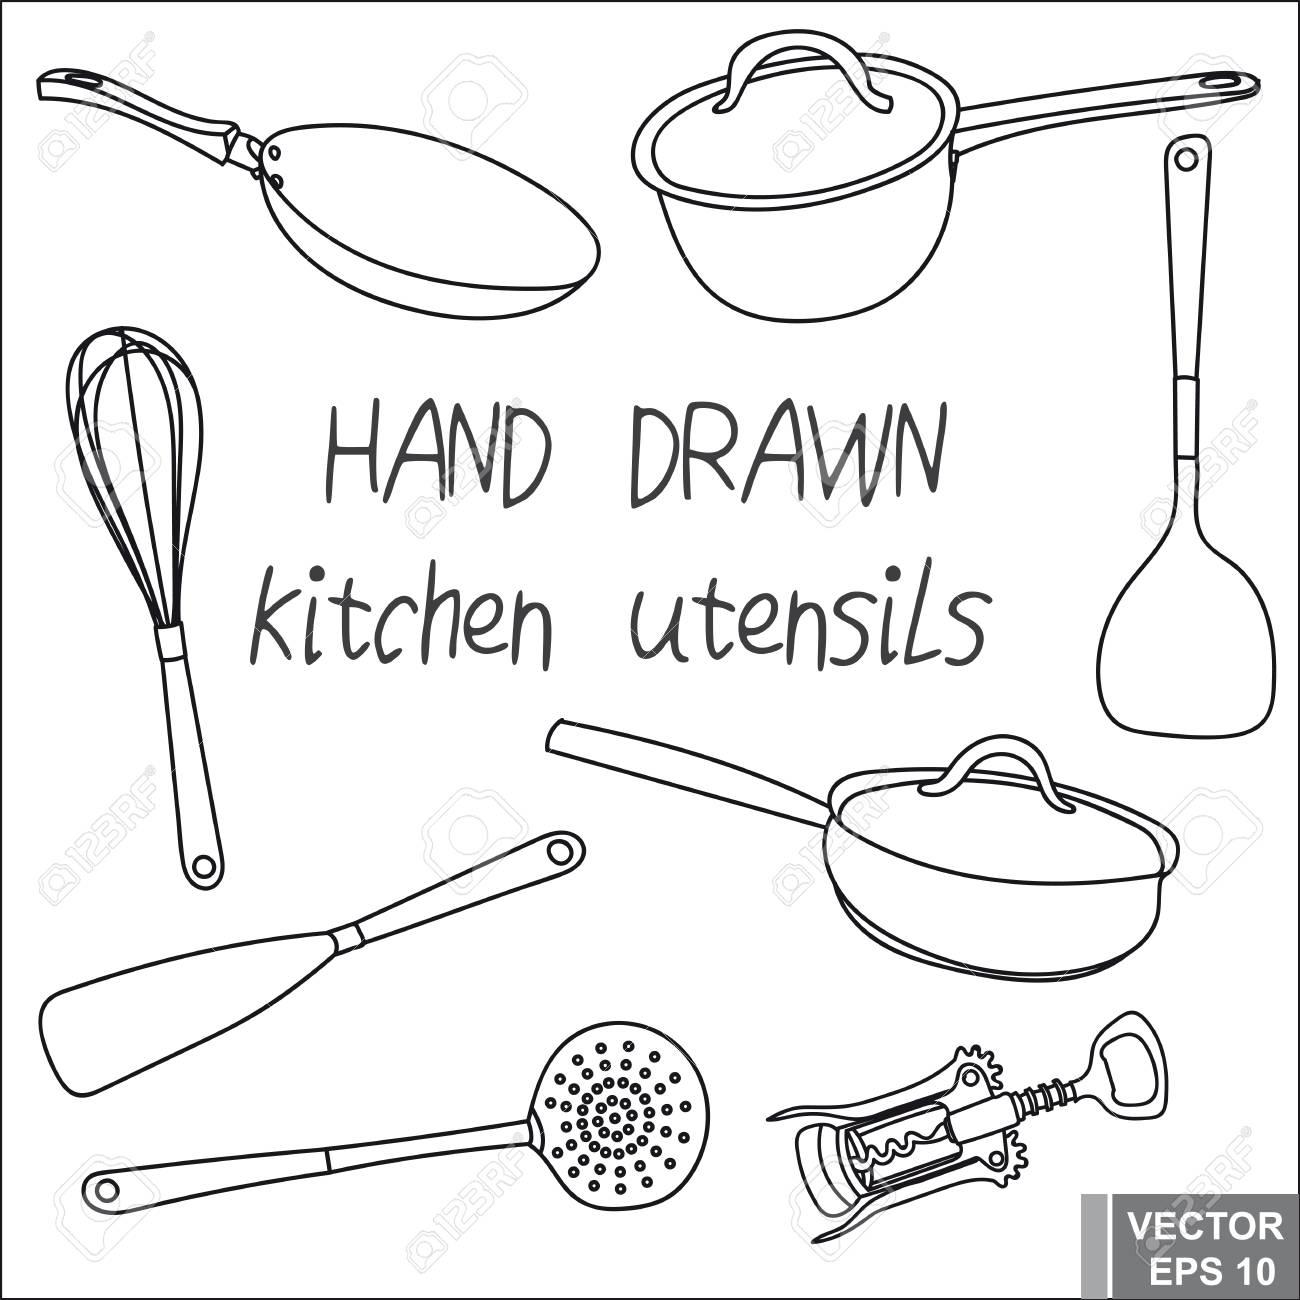 dessin a main levee set ustensiles de cuisine pour preparer la nourriture pour votre conception